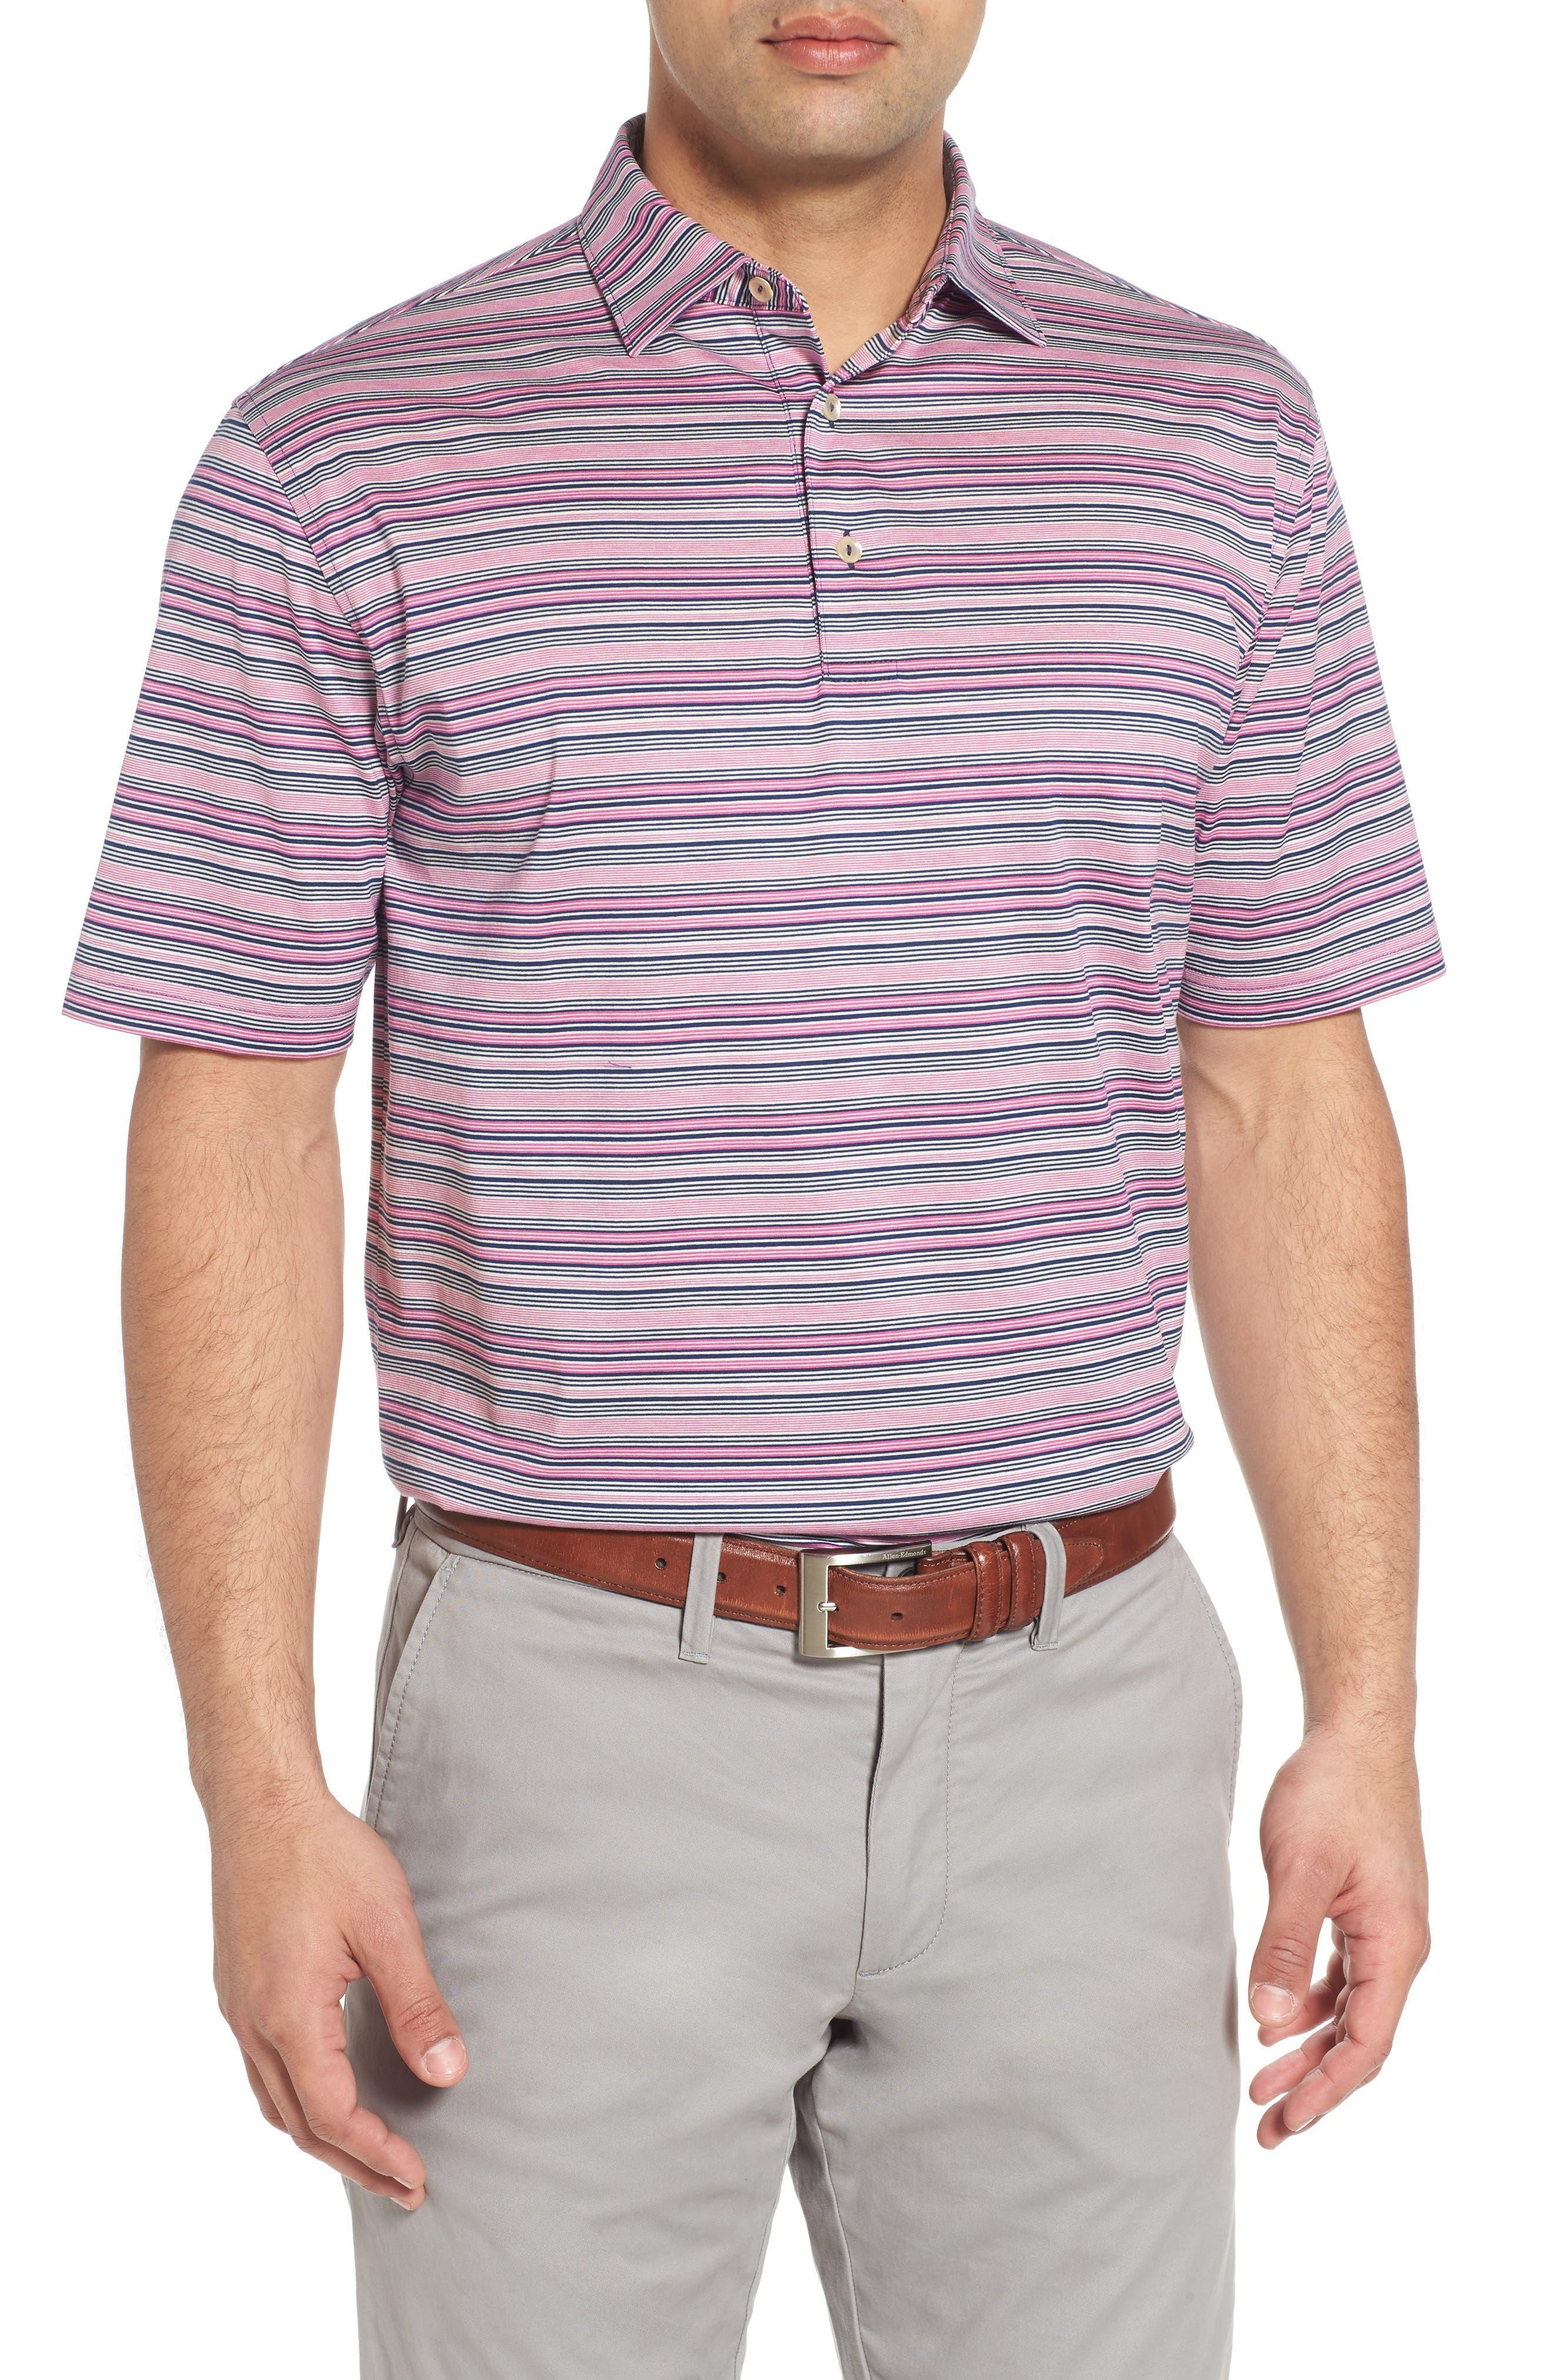 Sean Hanover Stripe Polo,                         Main,                         color, 437